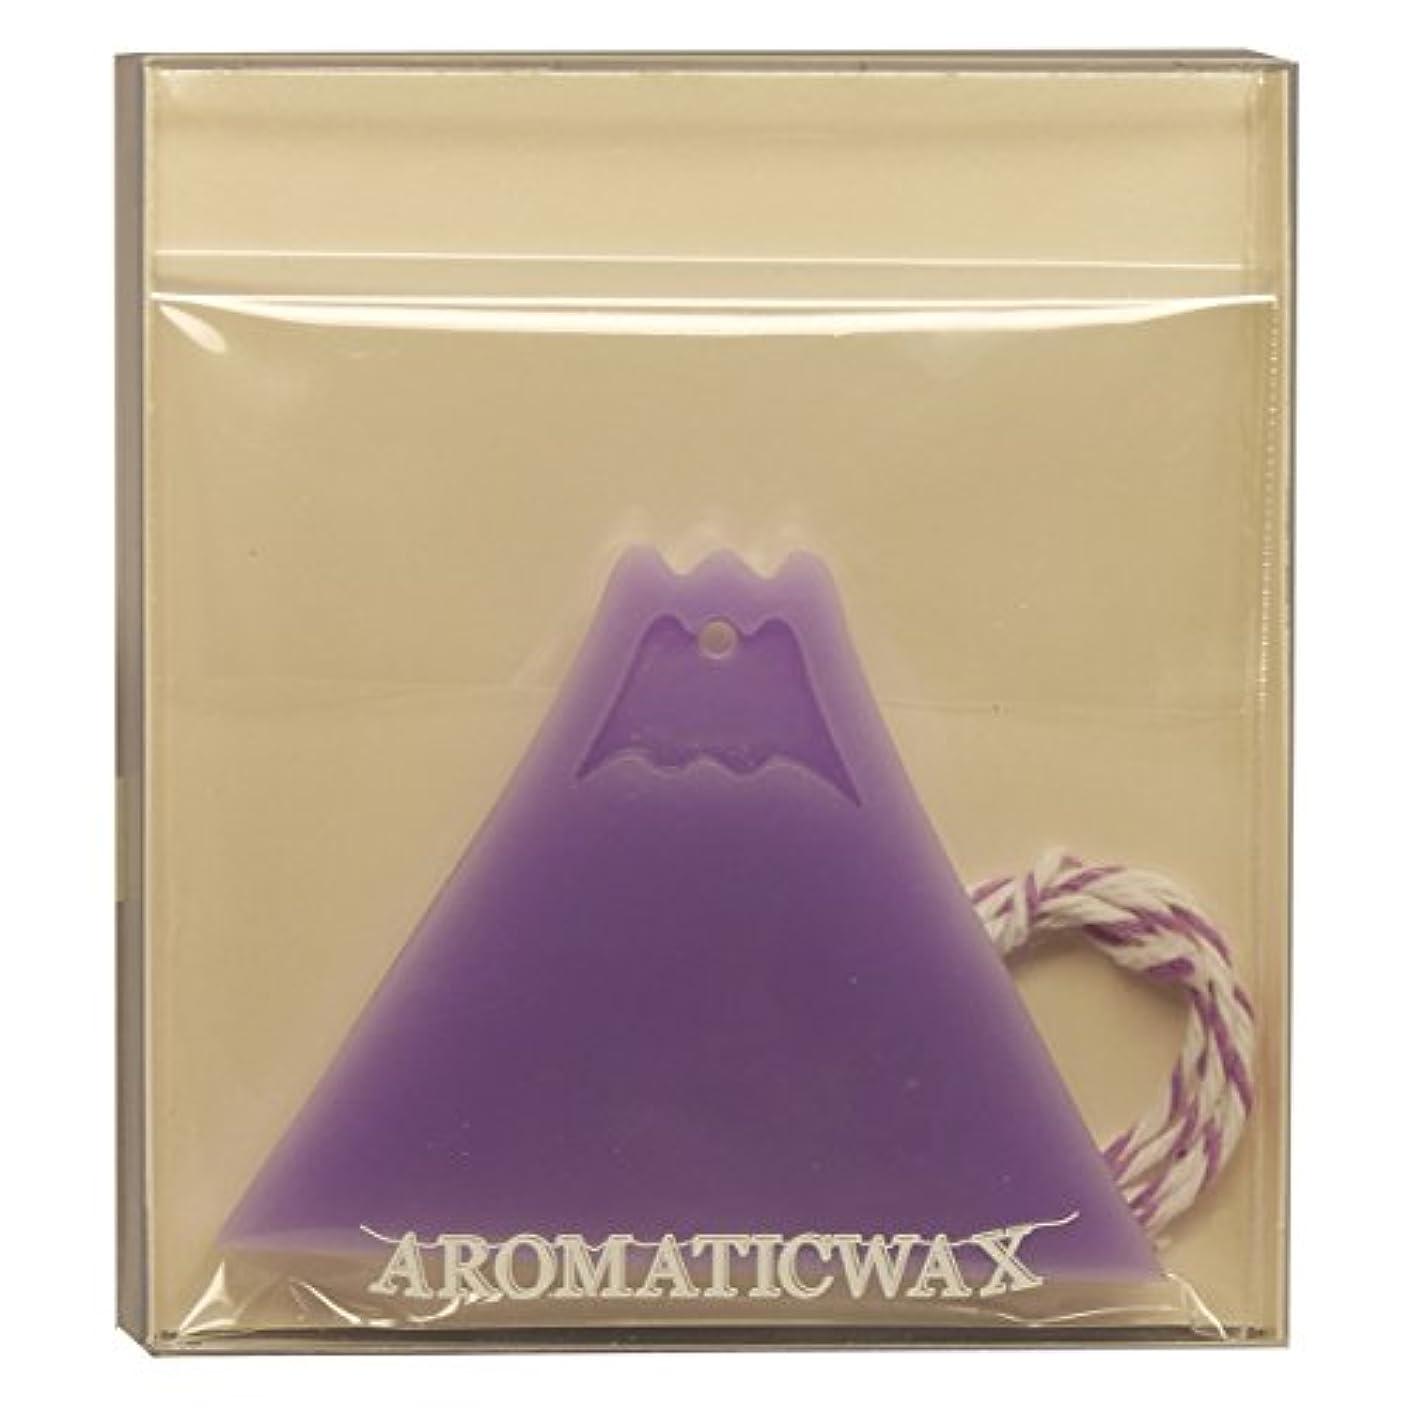 ランドマーク残酷な値するGRASSE TOKYO AROMATICWAXチャーム「富士山」(PU) ラベンダー アロマティックワックス グラーストウキョウ